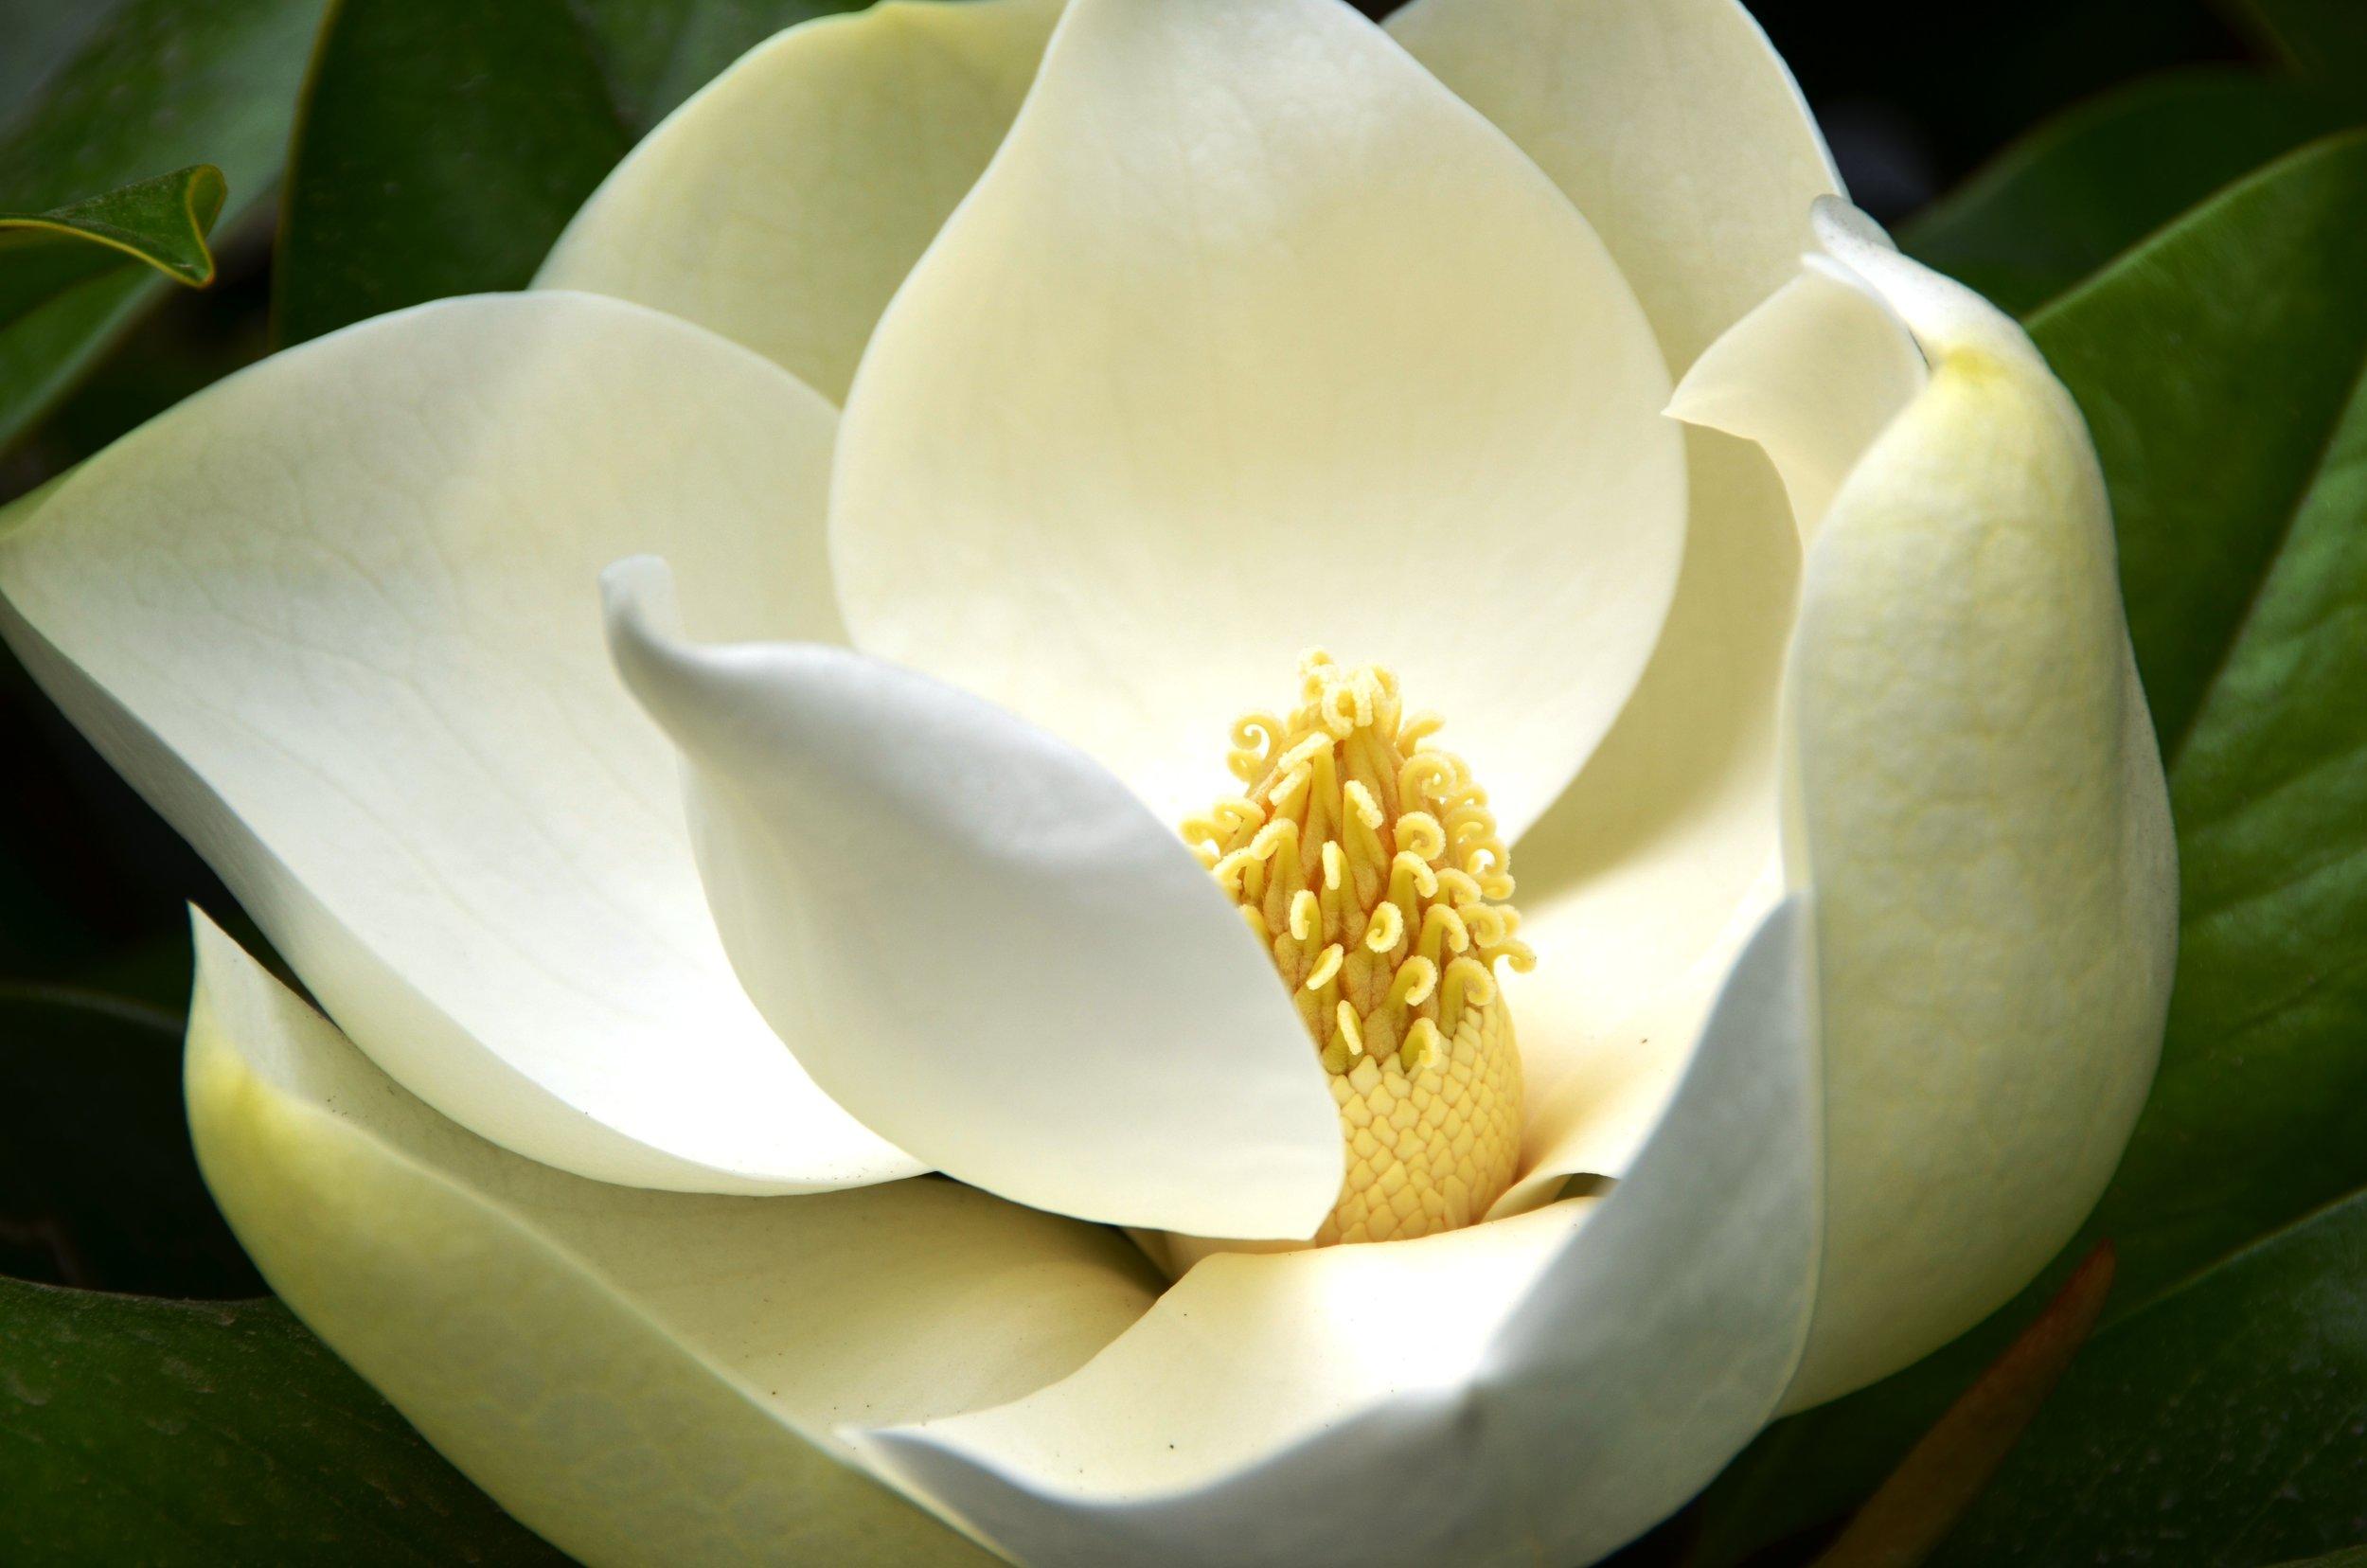 Magnolia grandiflora - so sculptural (Image courtesy of Wikipedia)